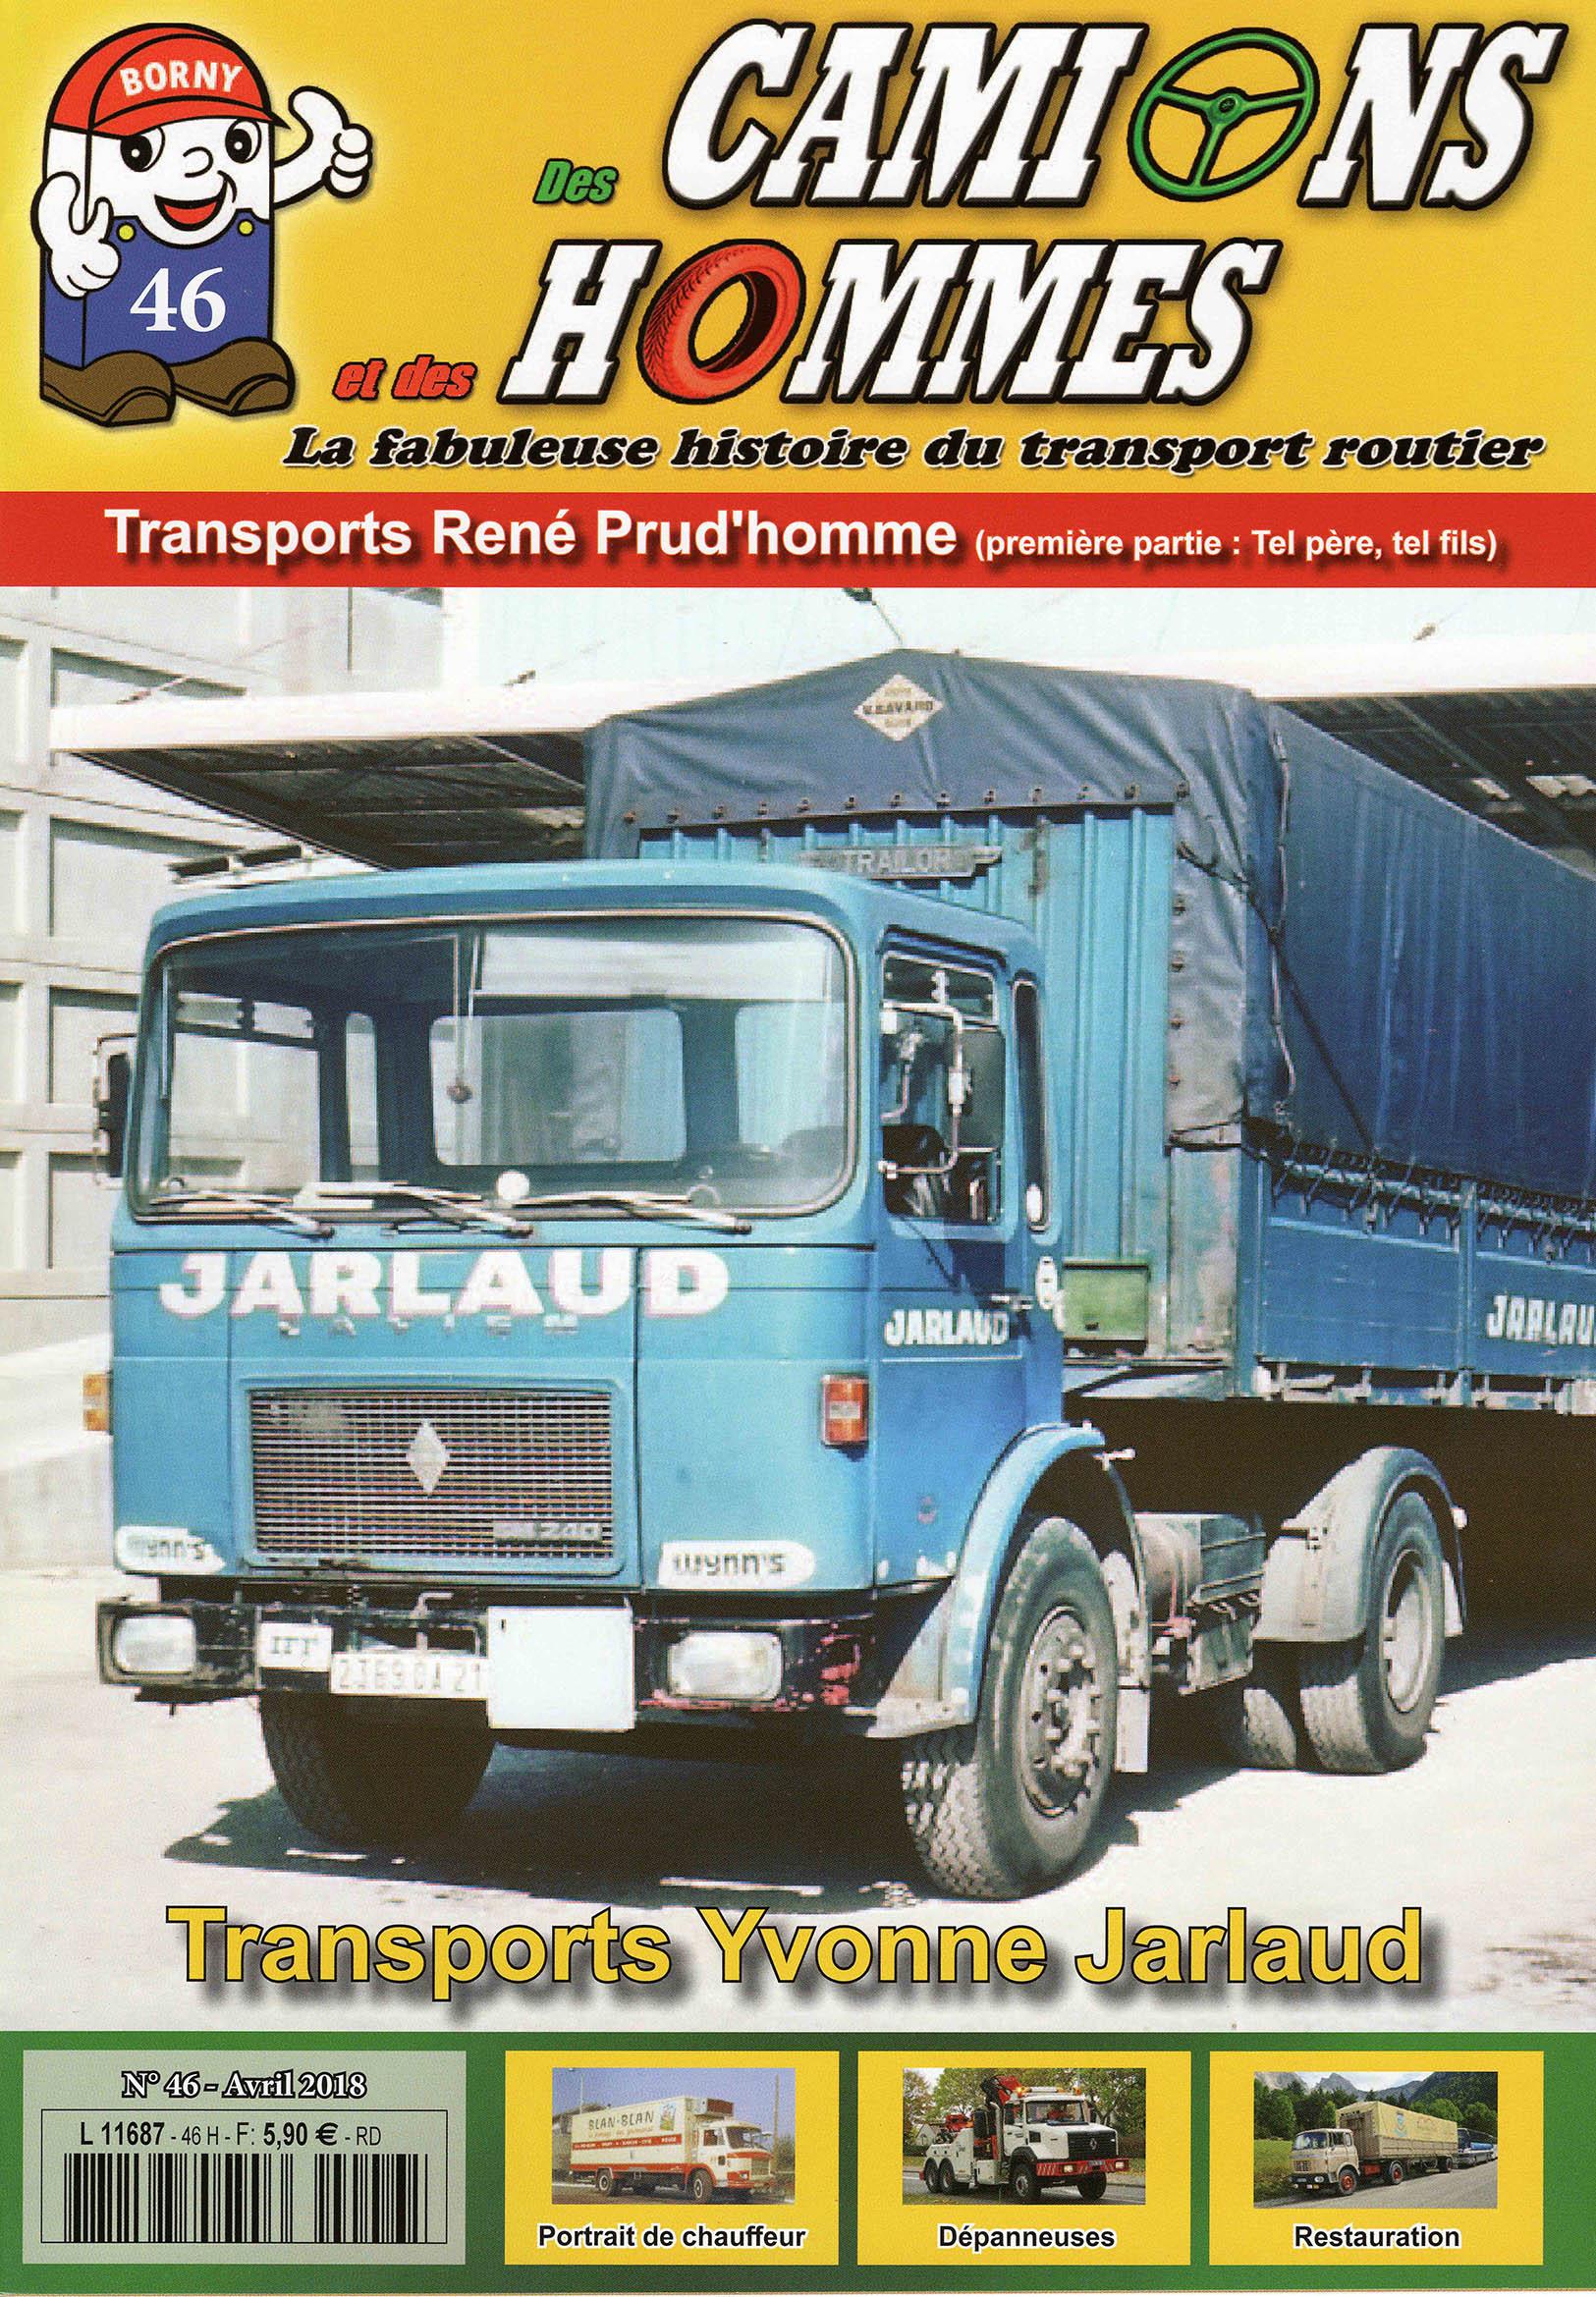 Magazine N°46 Des Camions et des Hommes (Etranger)